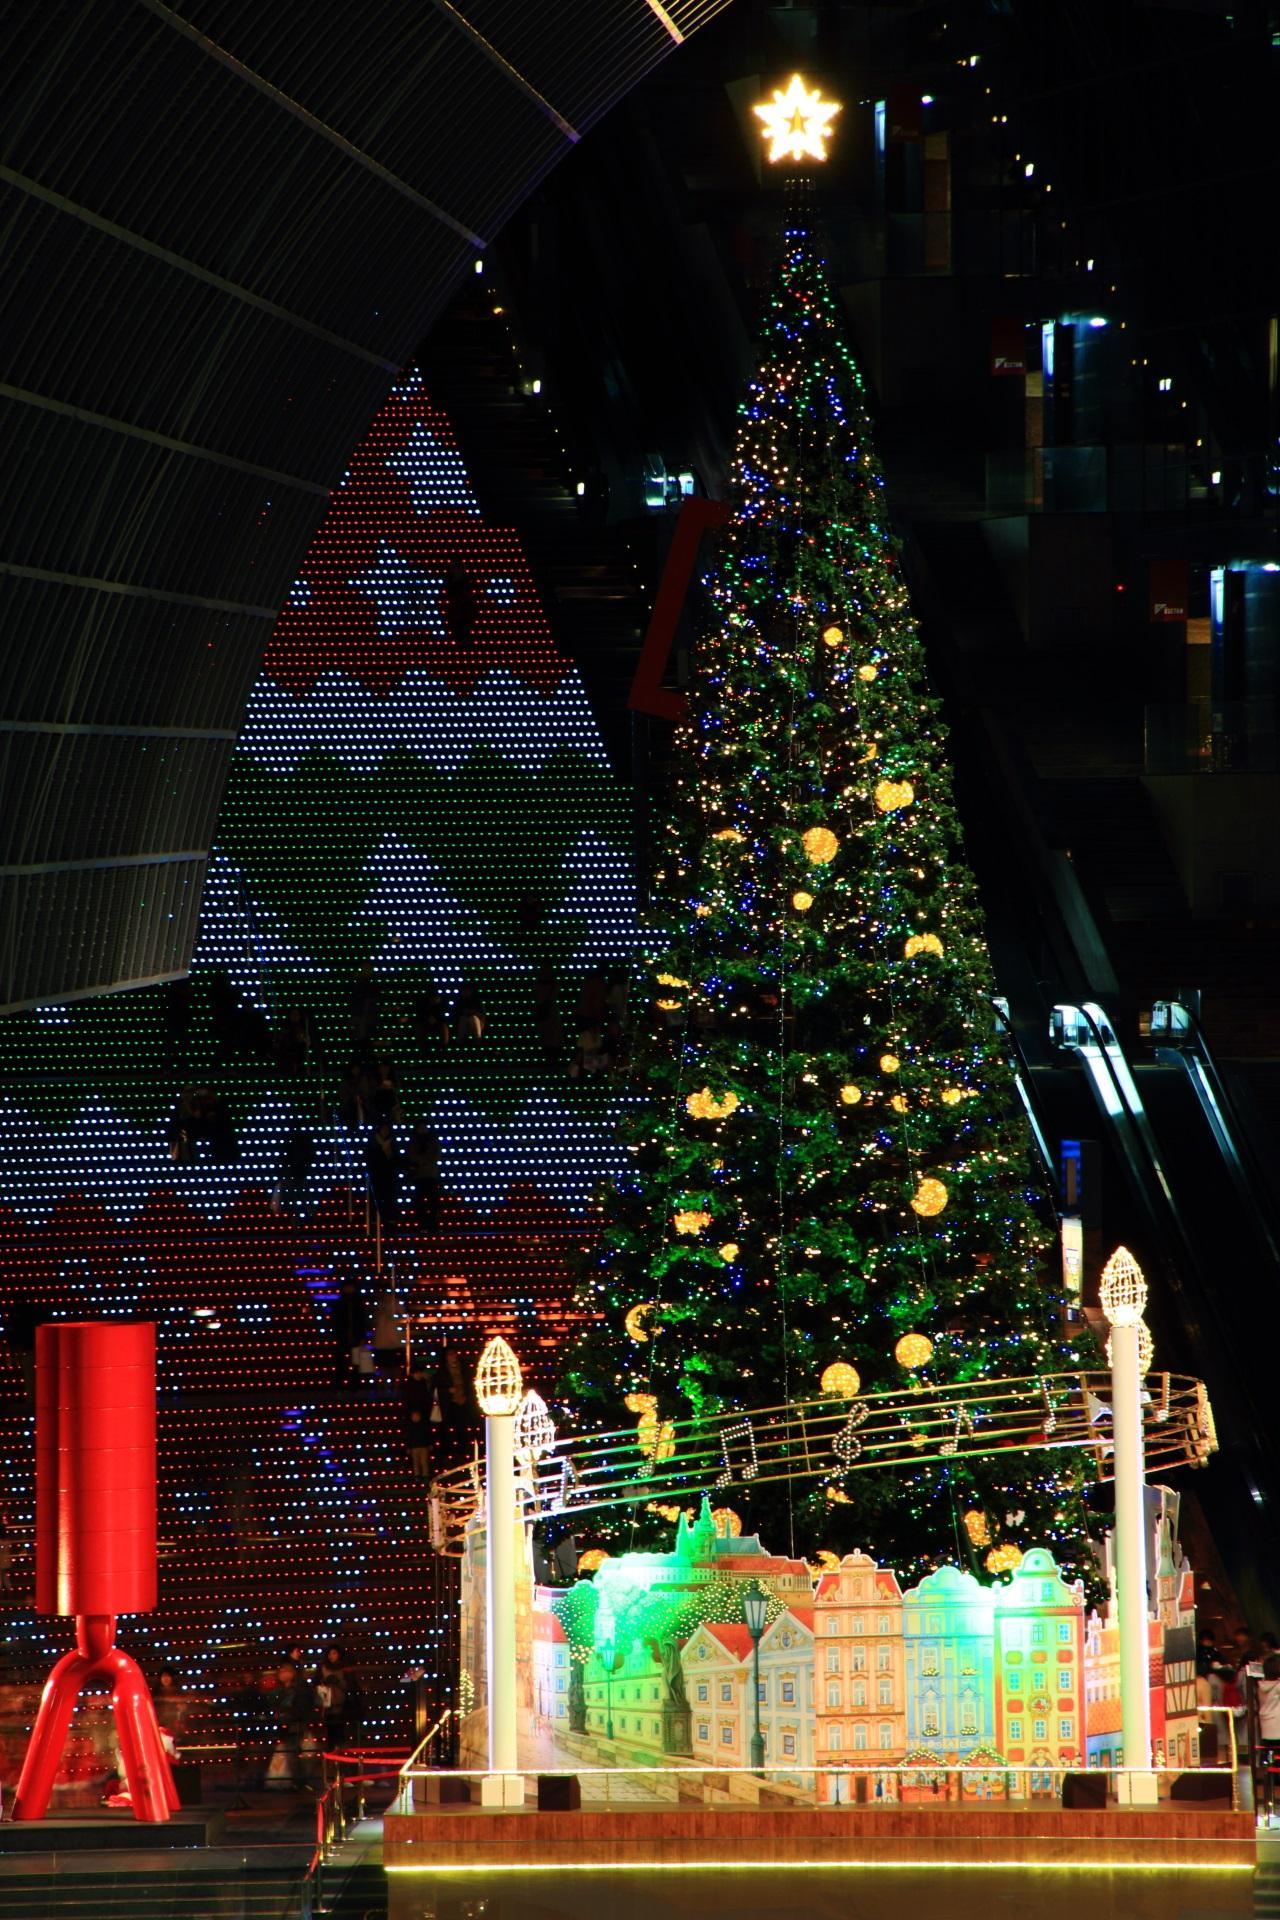 クリスマスカラーの大階段とツリー